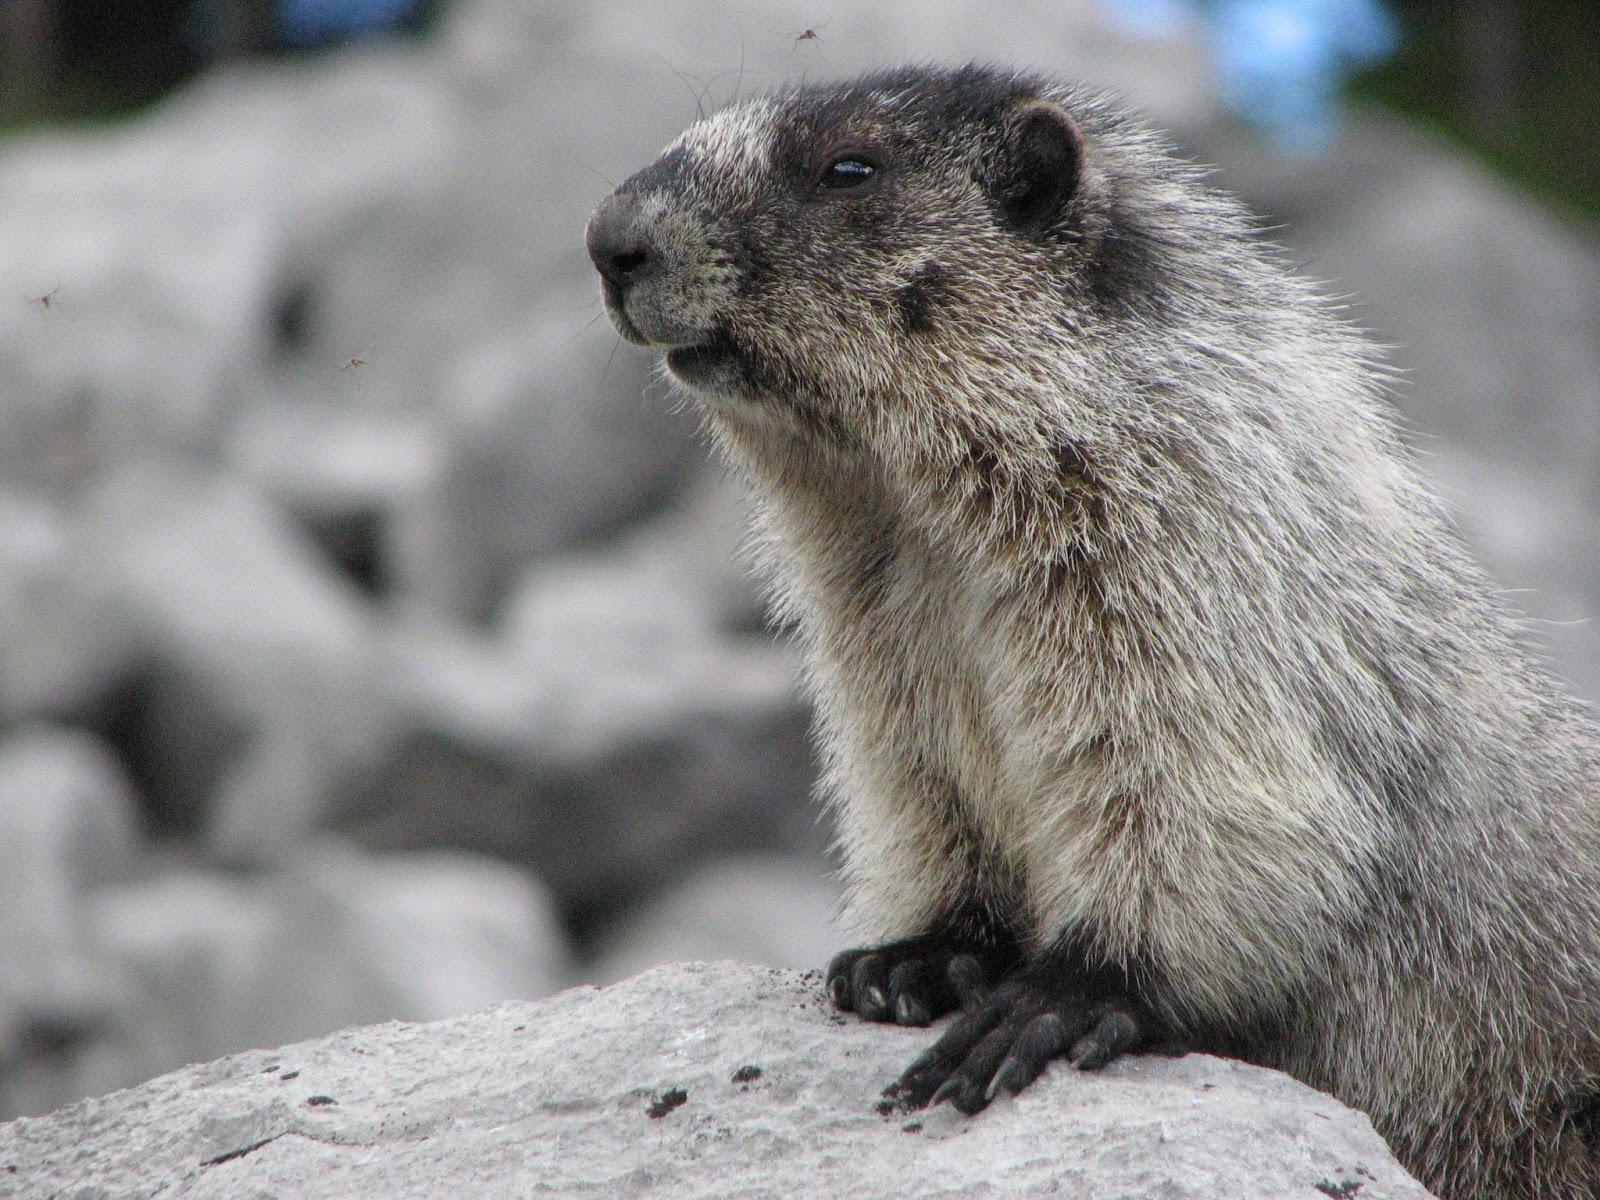 003 - Hoary Marmot